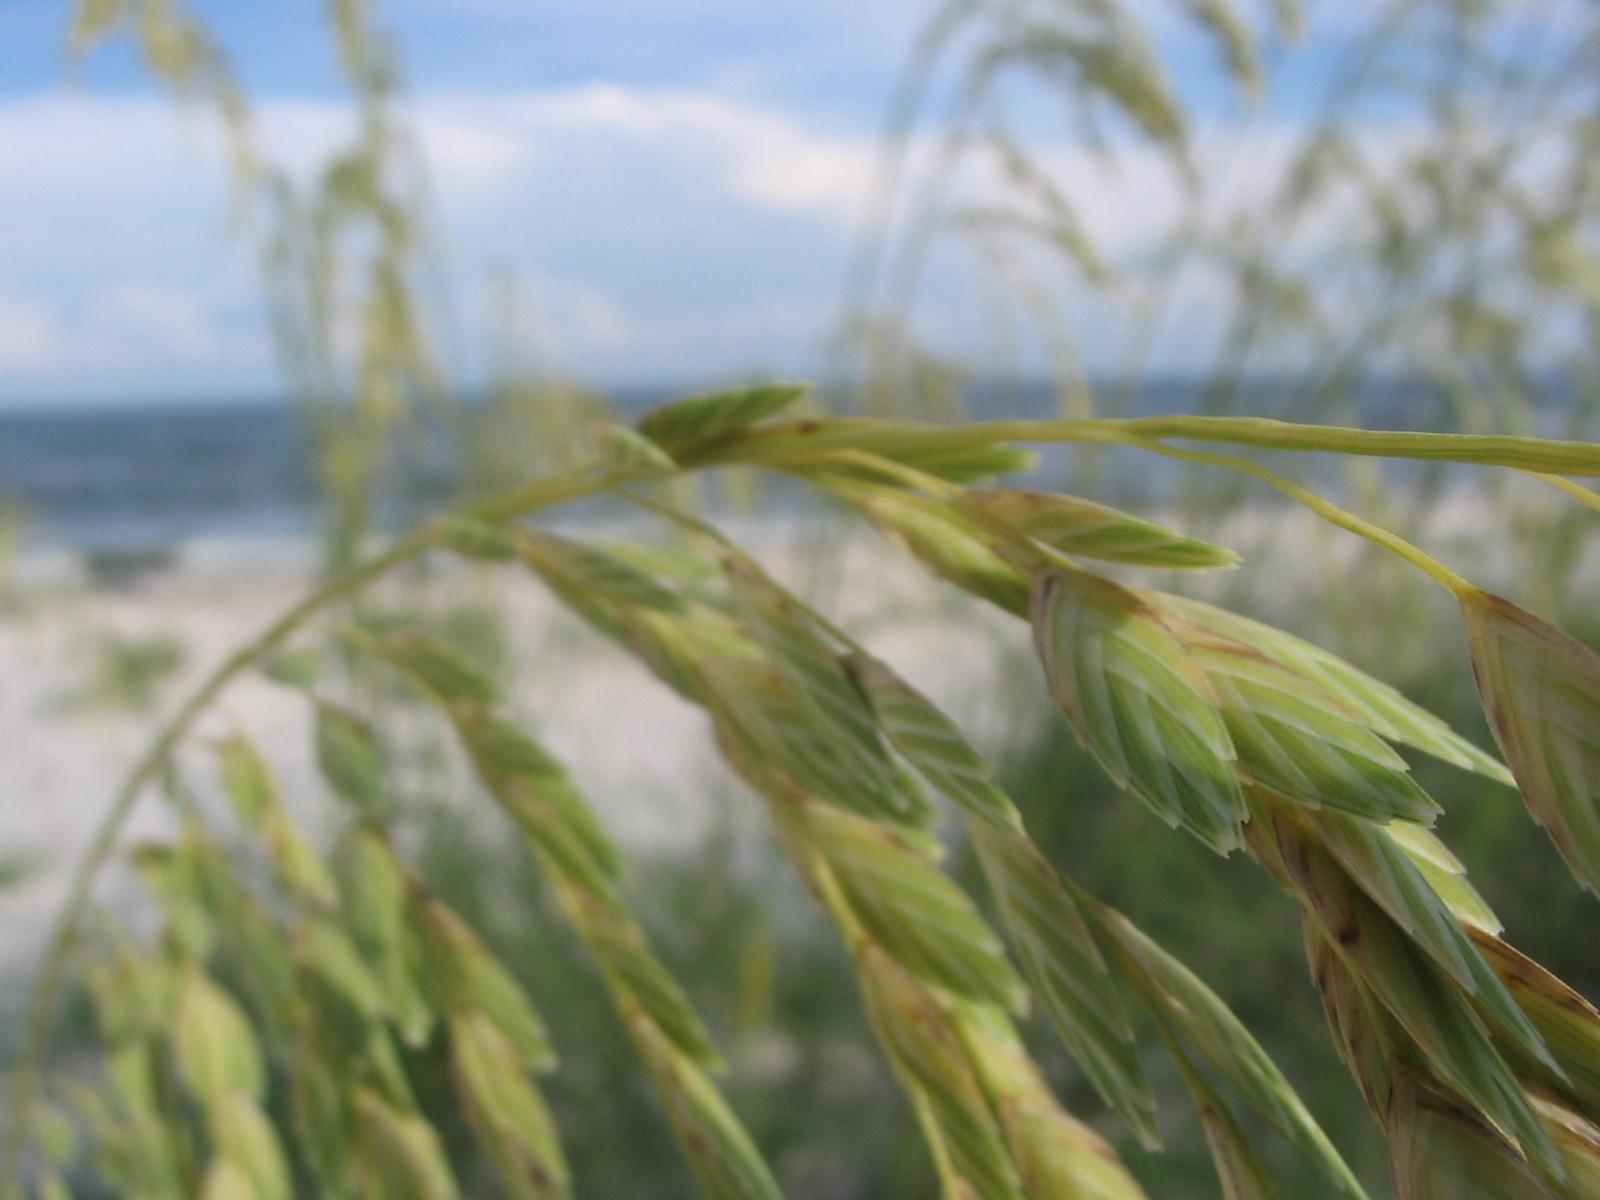 Fields of tall grass